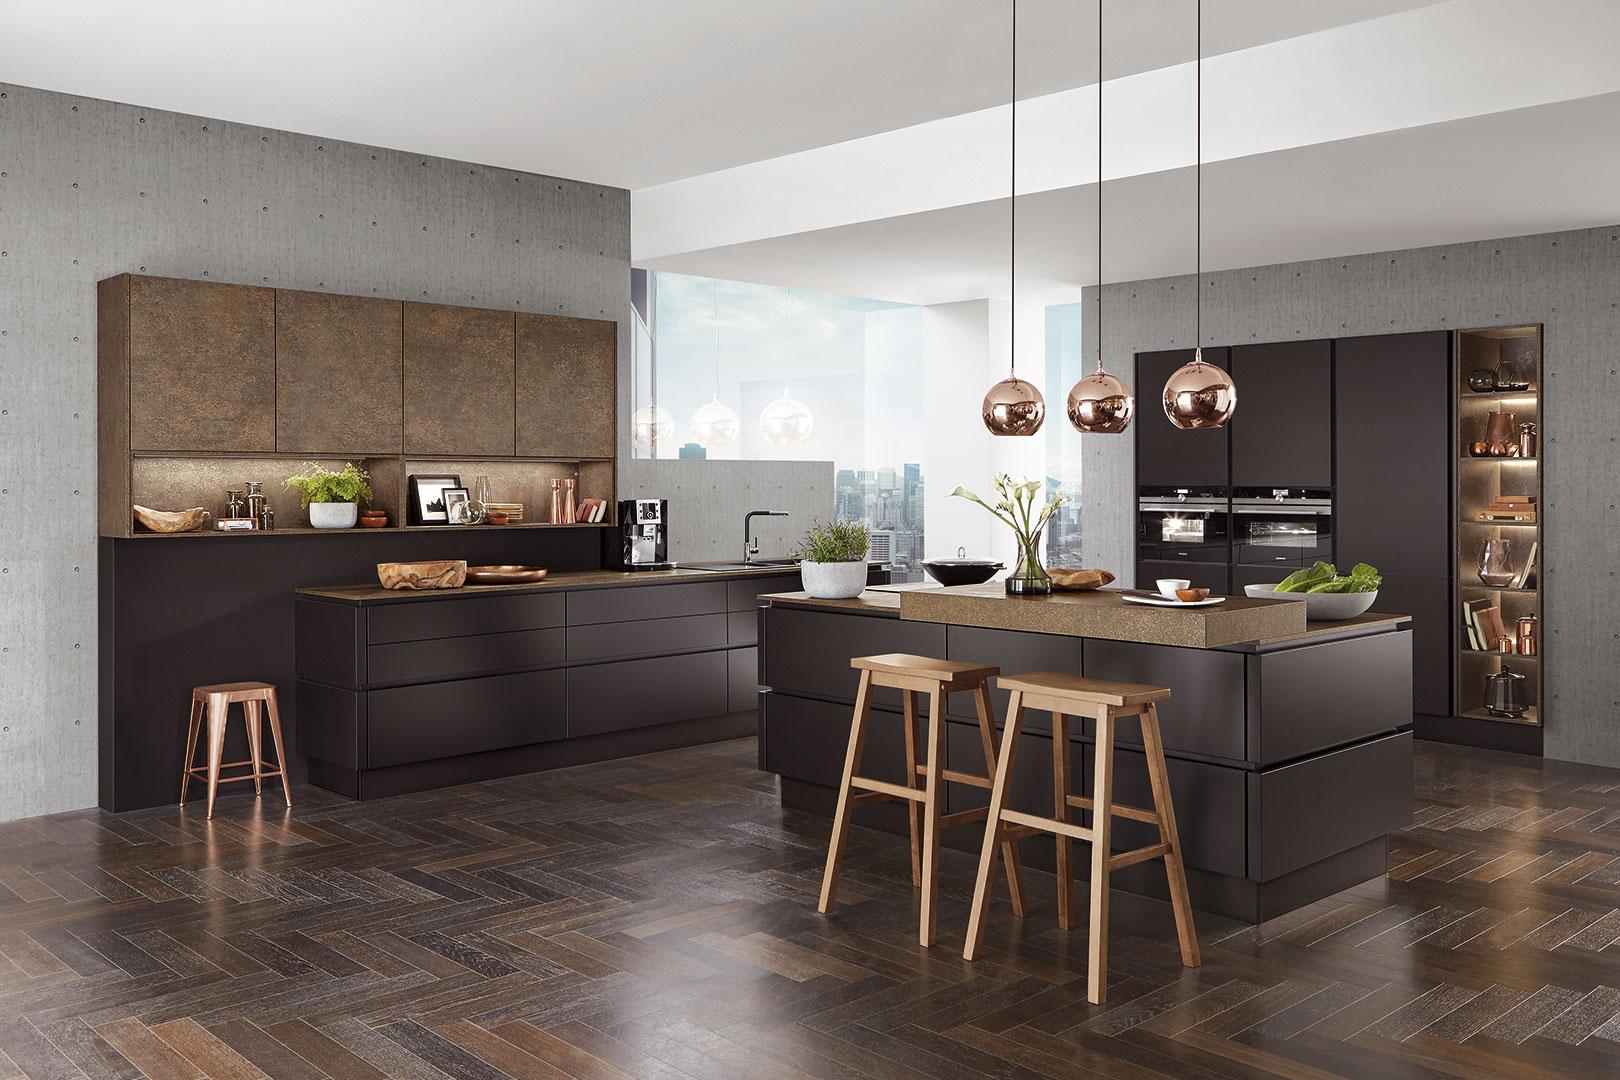 Welche Farbe ist dieses Jahr im Trend für Küchen?